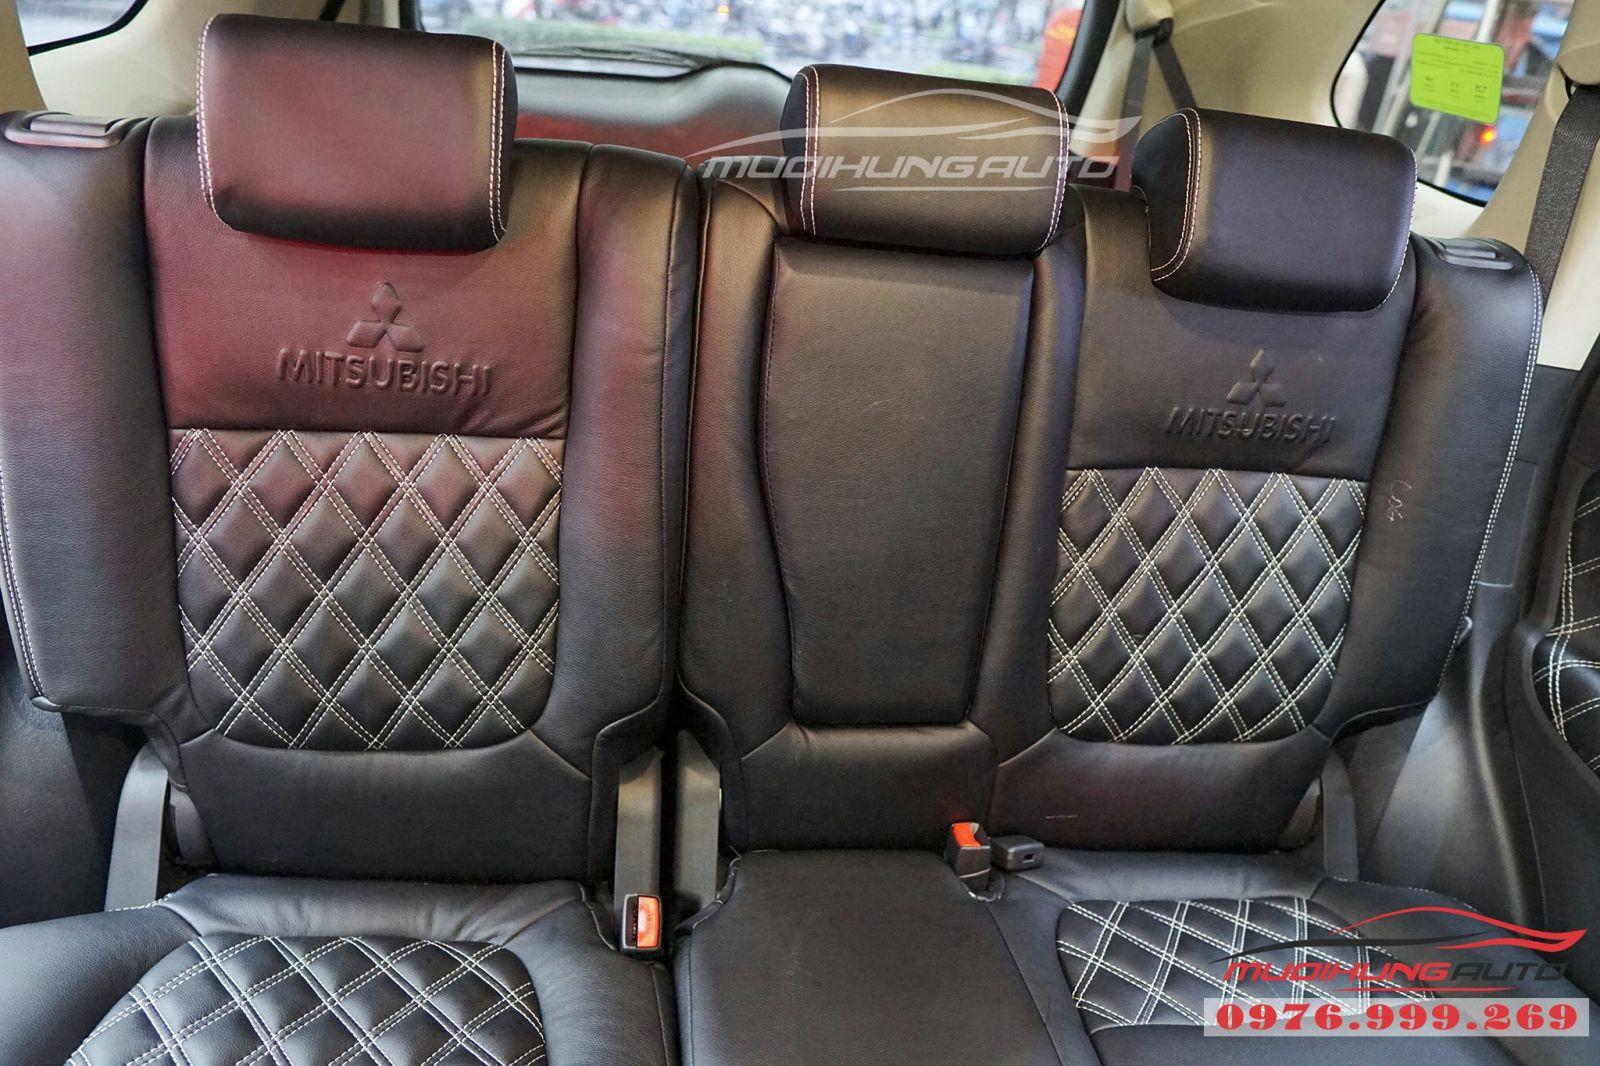 Mitsubishi Outlander bọc ghế cao cấp giá rẻ tại TPHCM 07